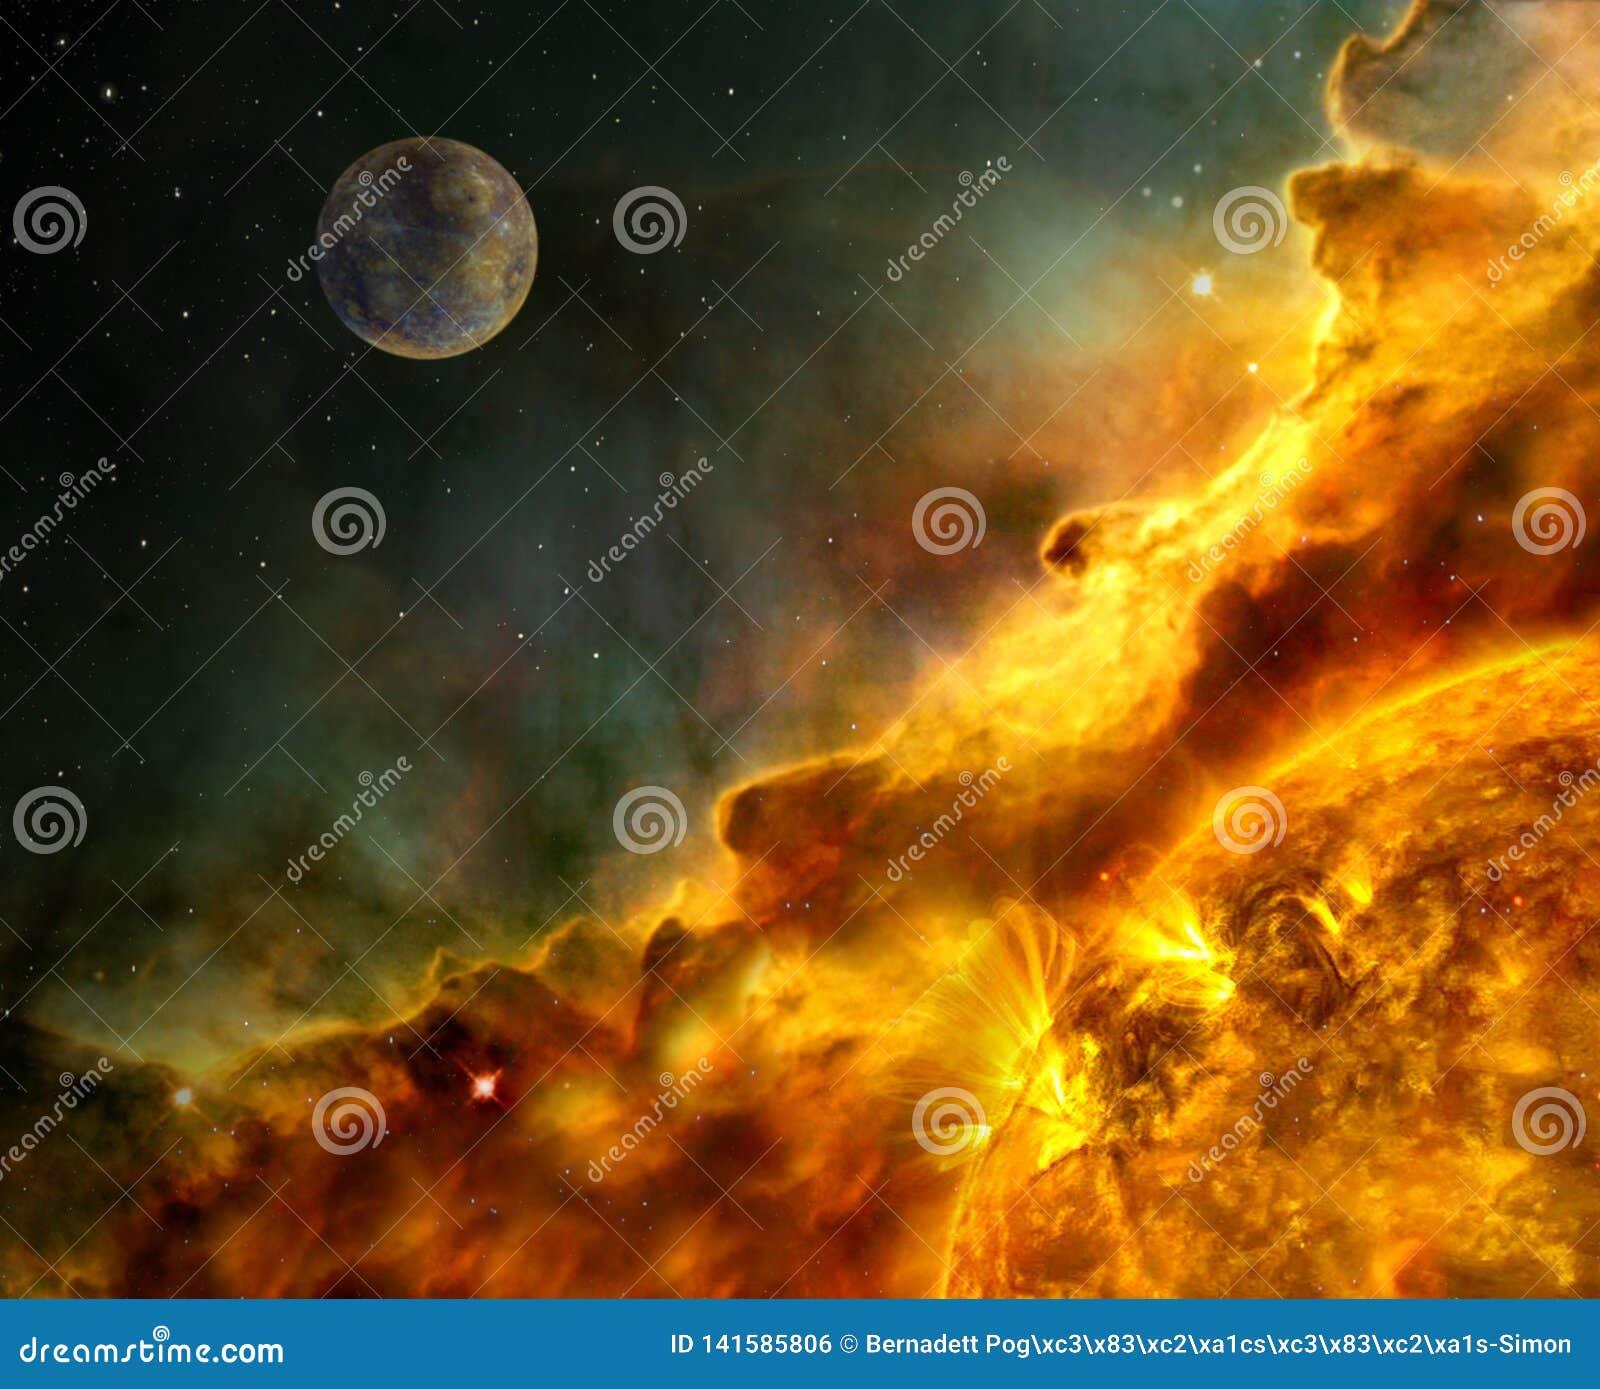 Os elementos solares da dinâmica da ejeção maciça coronal do alargamento solar desta imagem forneceram pela NASA